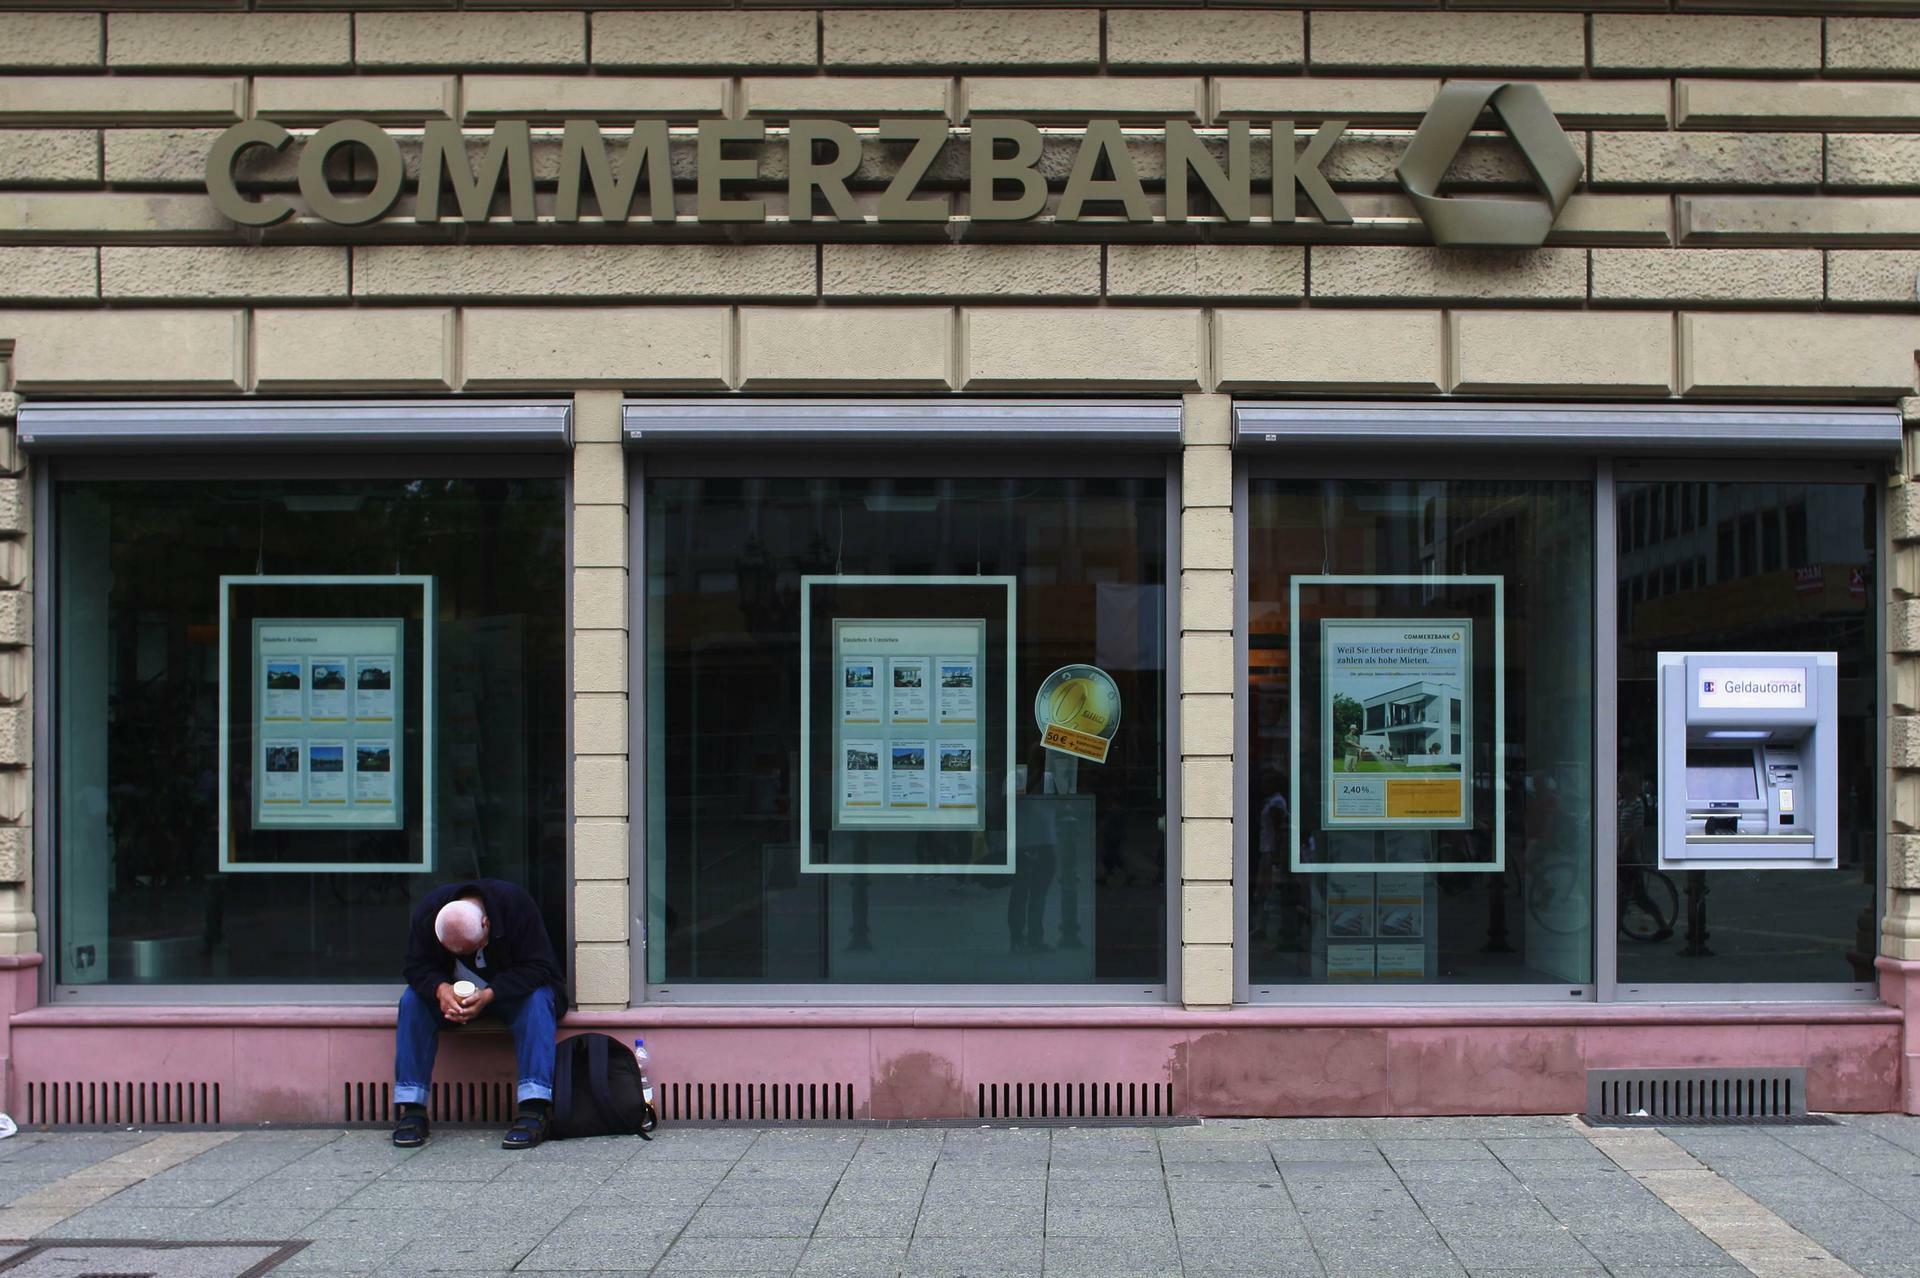 Ec Karte Sperren Commerzbank.Commerzbank Ausstieg Aus Anlagen In Grundnahrungsmitteln